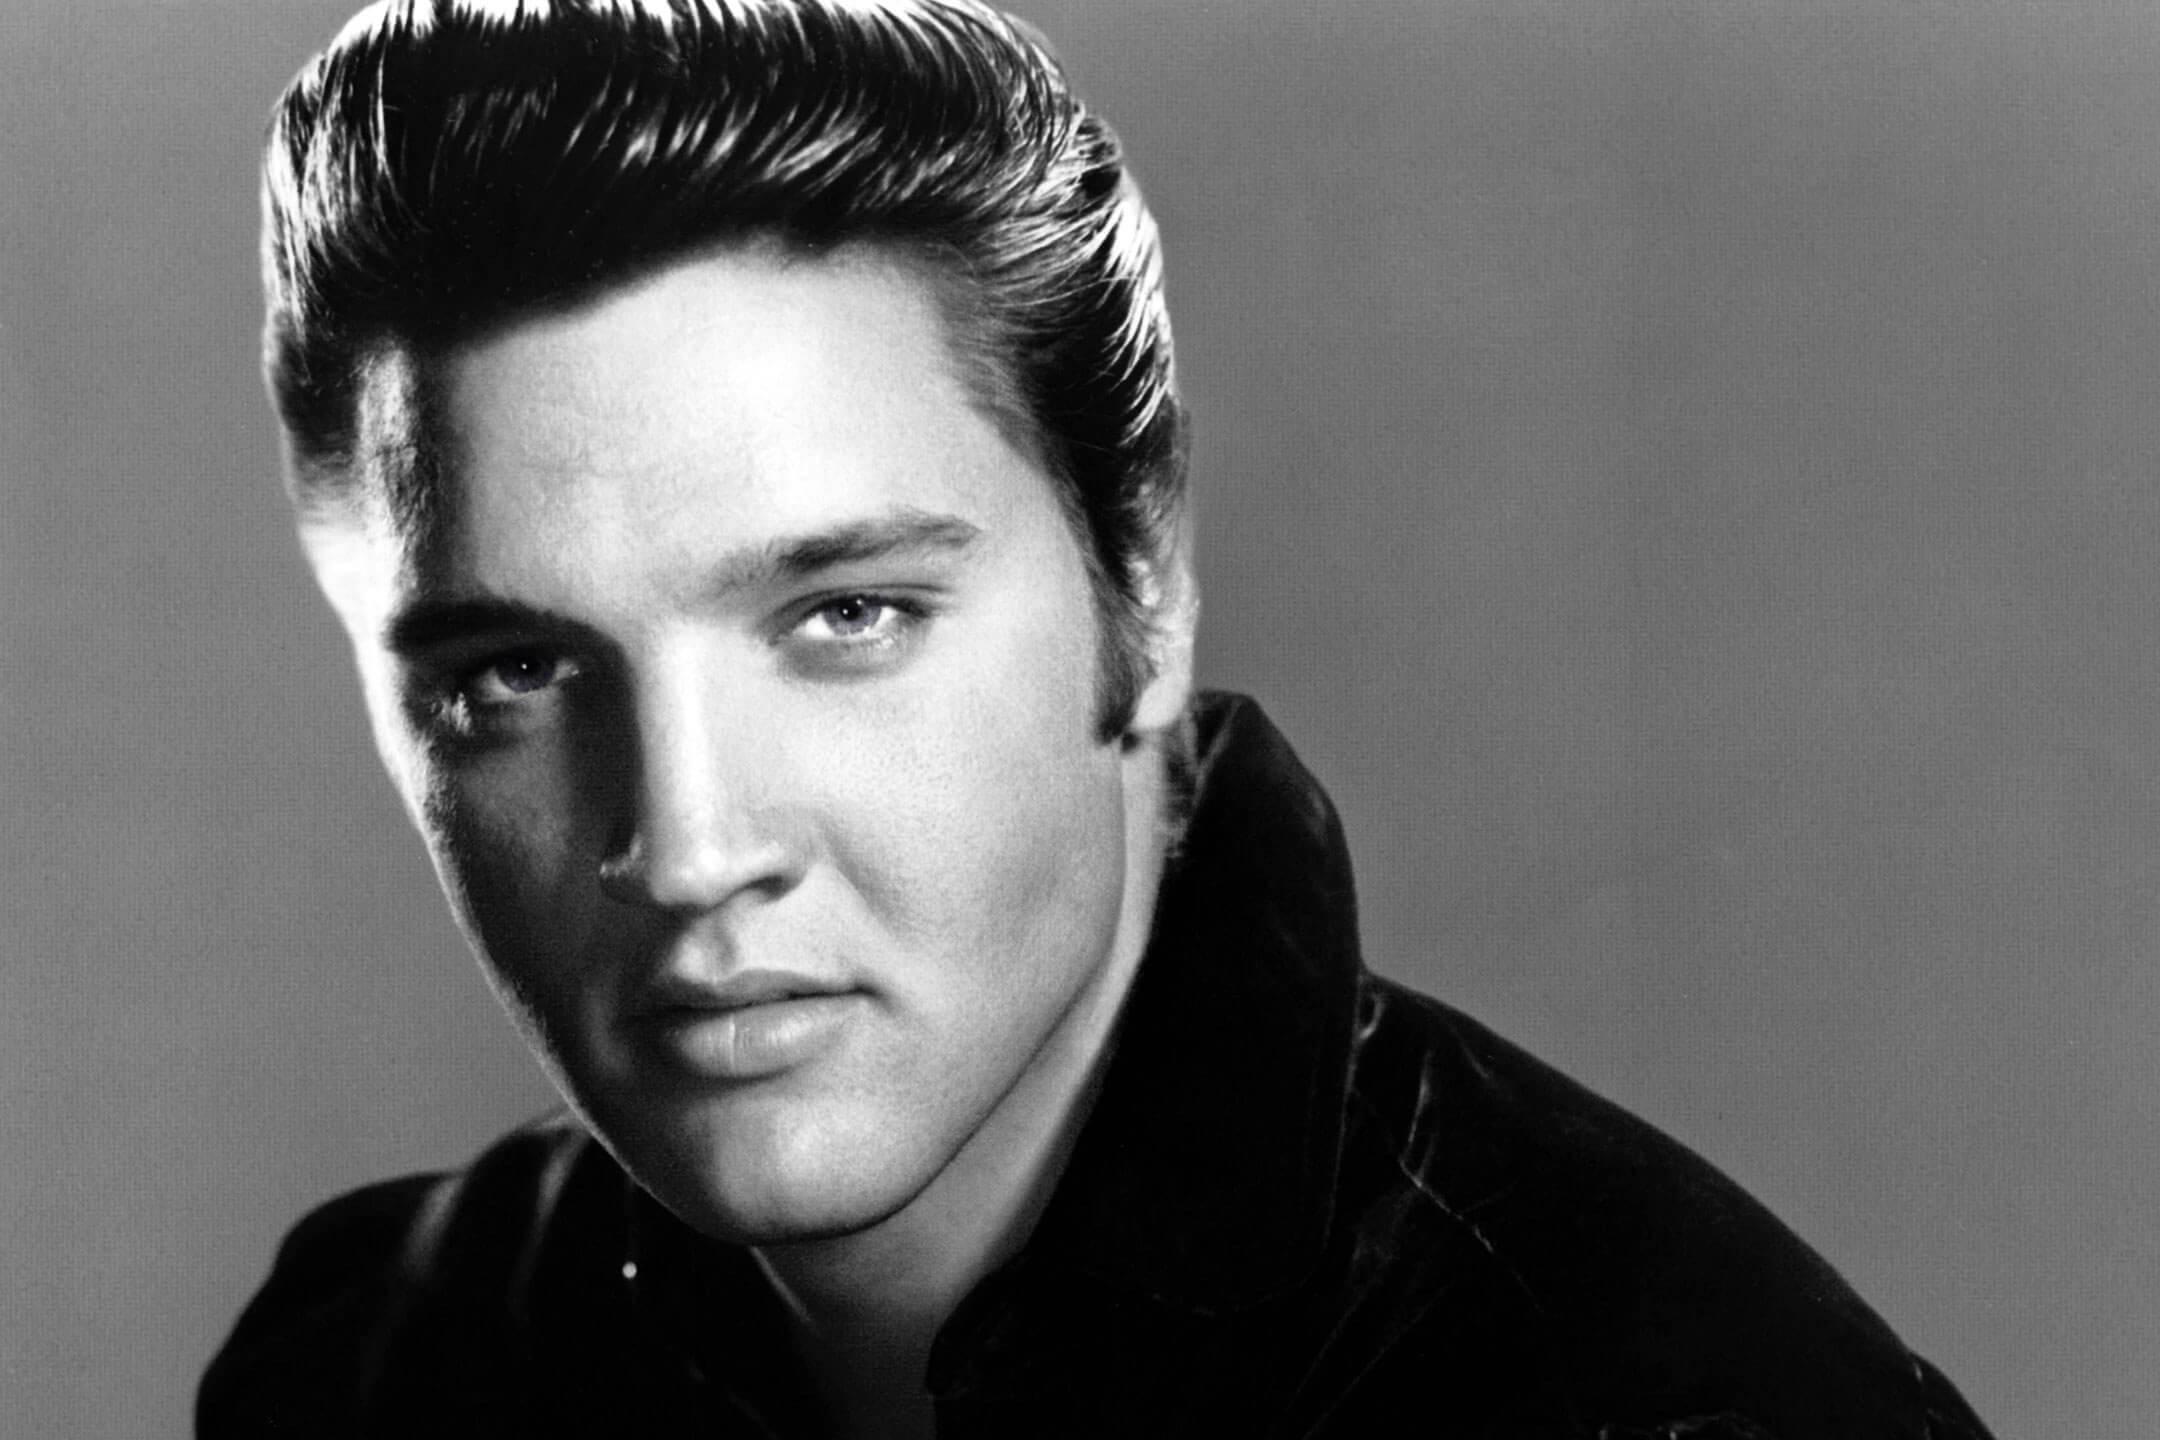 Boala care i-a cauzat moartea lui Elvis Presley. Medicul lui face dezvăluiri incredibile!